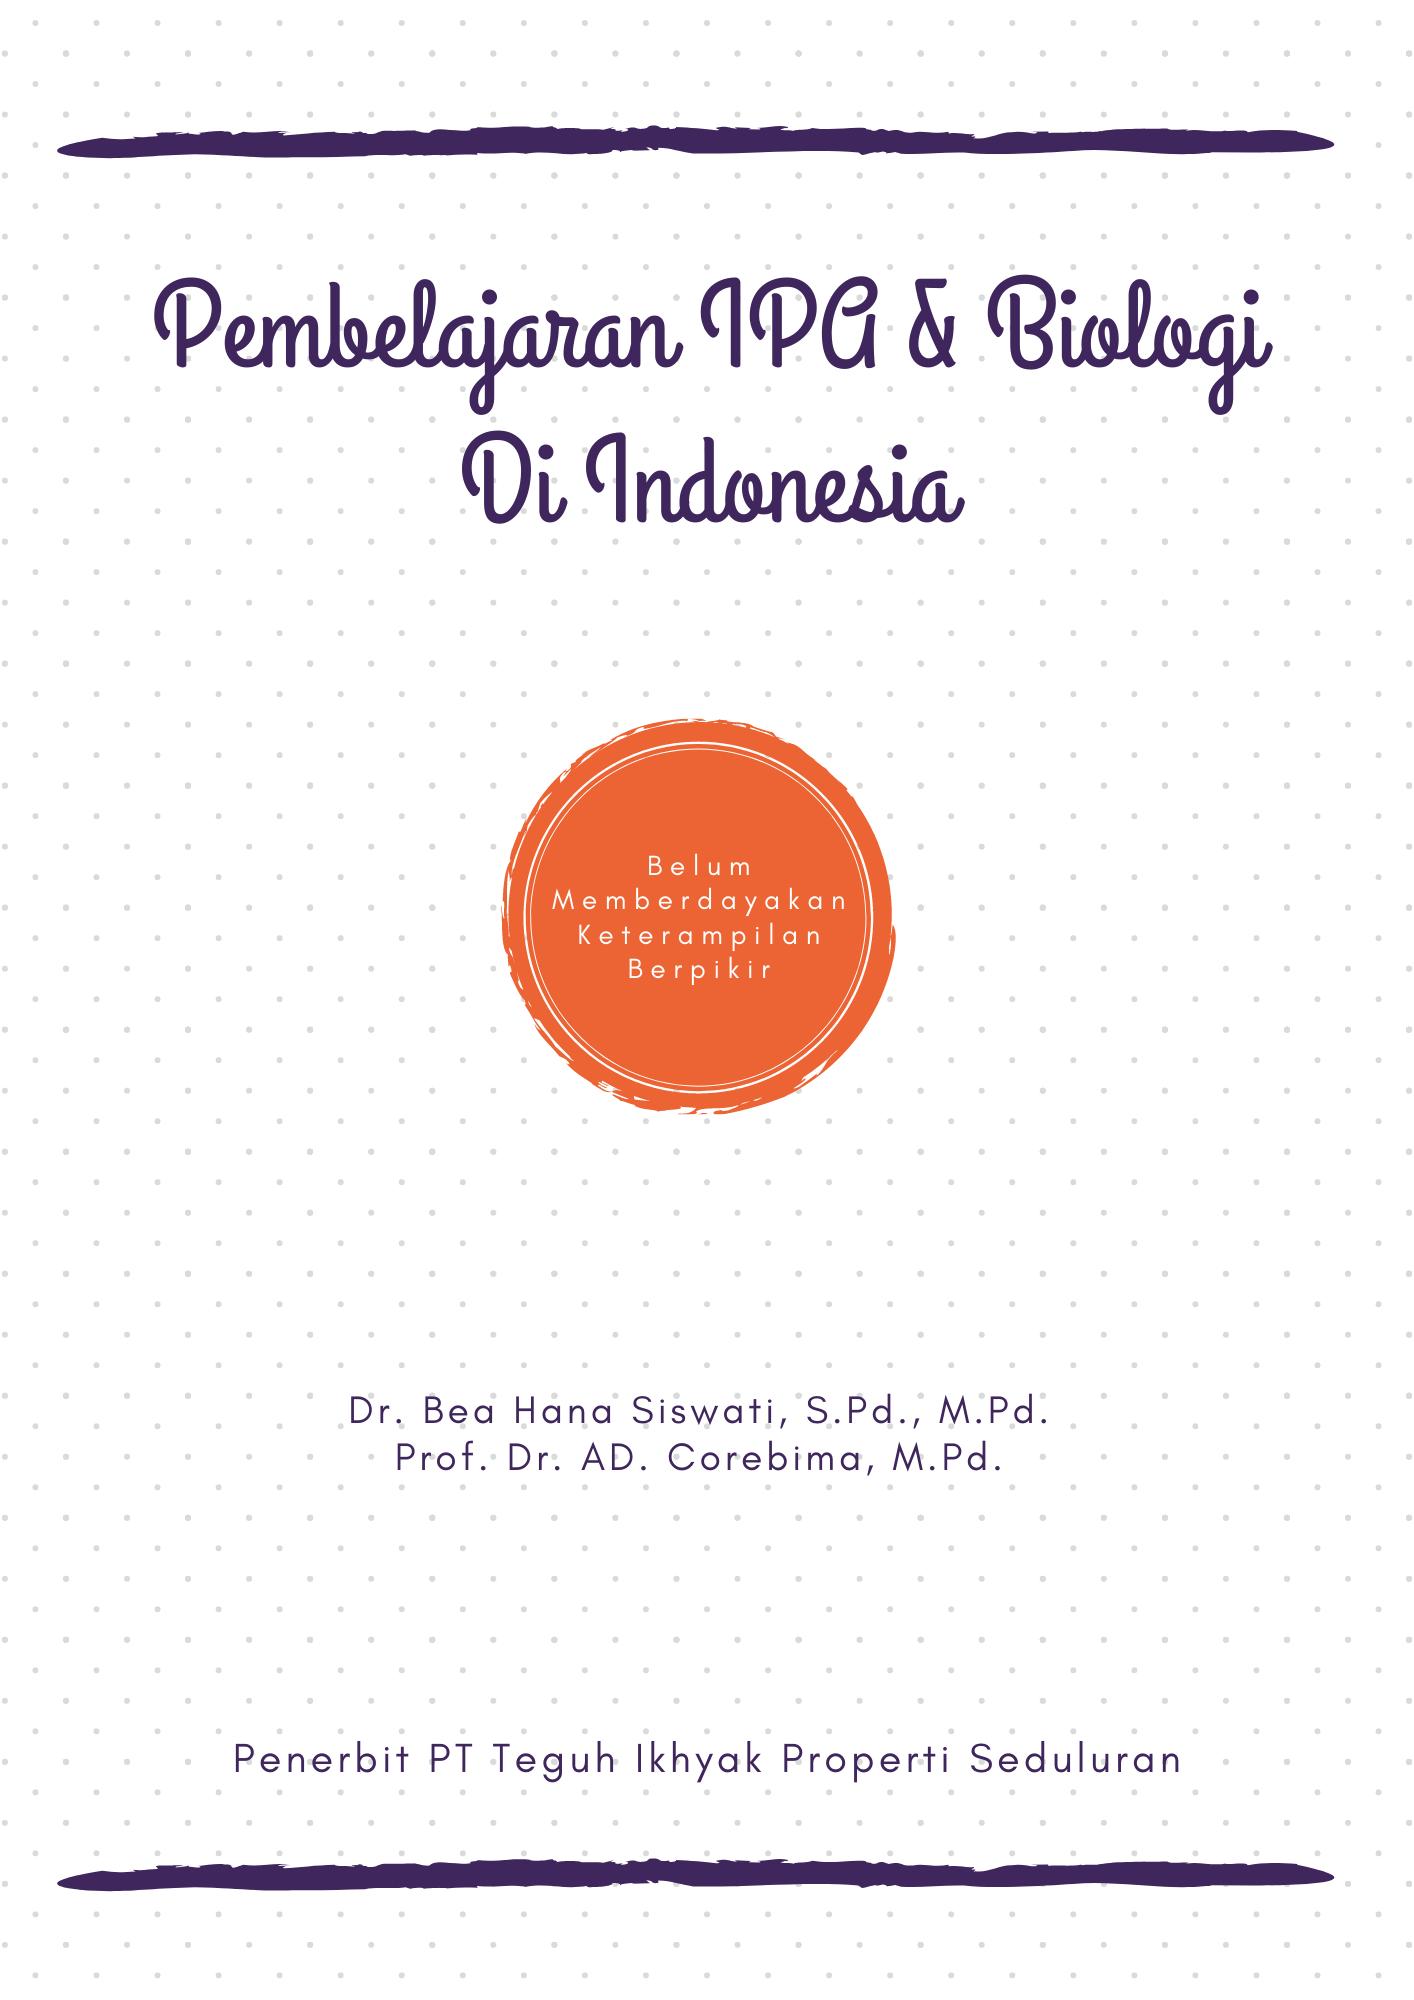 """Pembelajaran IPA & Biologi di Indonesia """"belum memberdayakan keterampilan berpikir"""" [sumber elektronis]"""